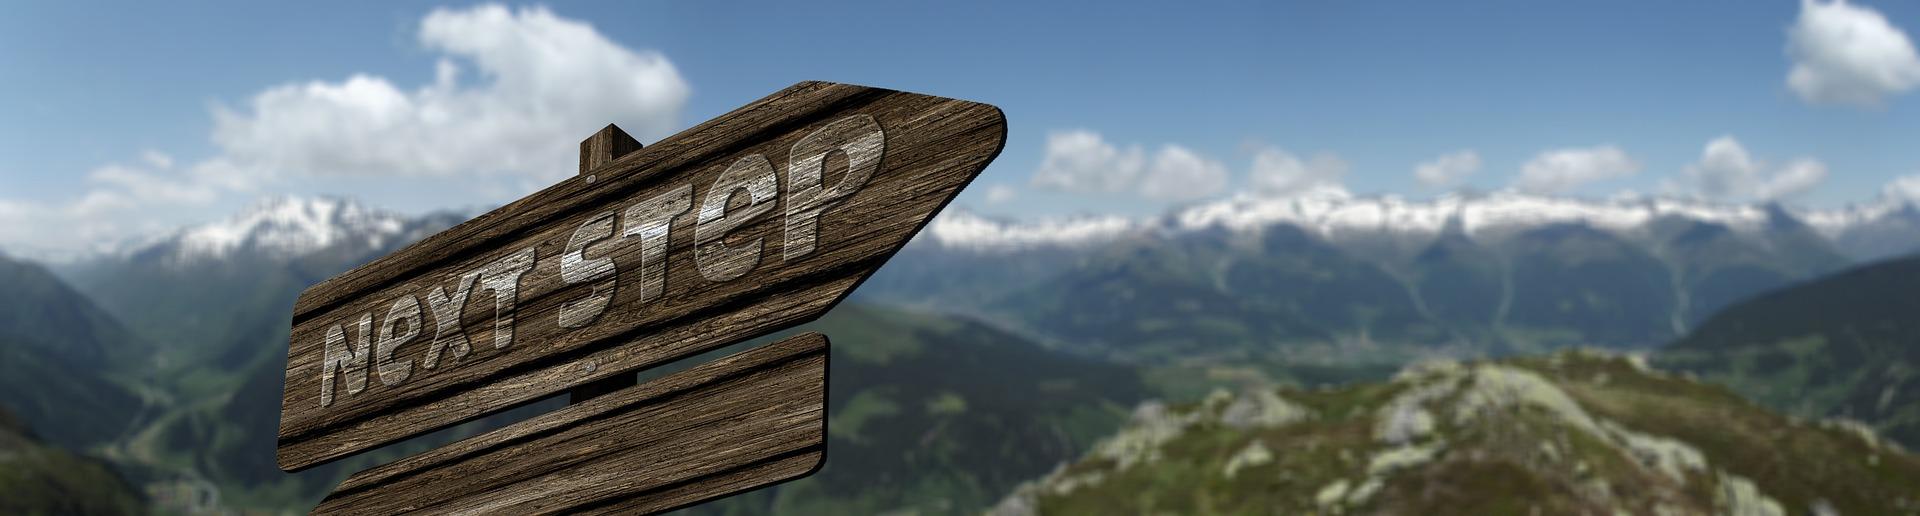 Fem misstag många gör när de skriver fackbok – och hur du undviker dem